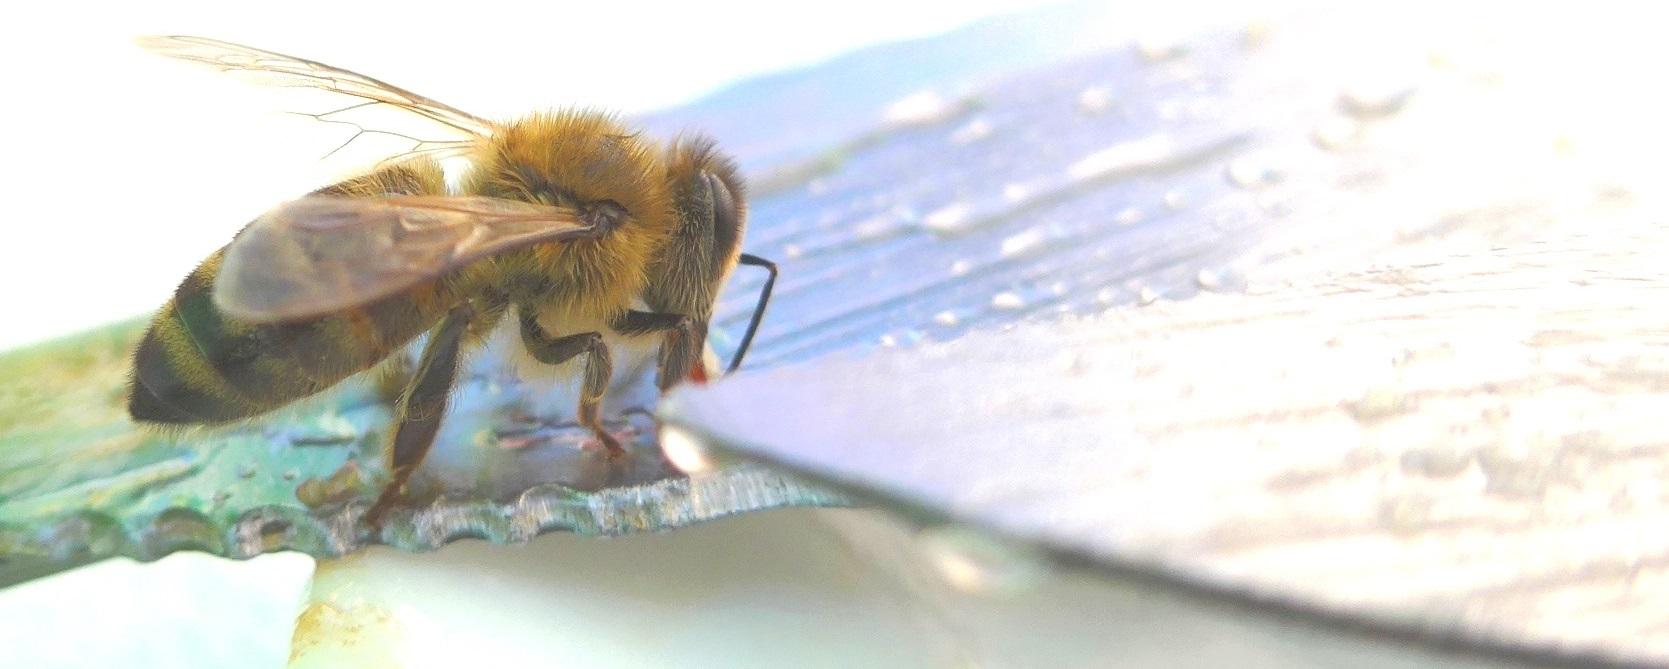 Honigbiene auf Messer